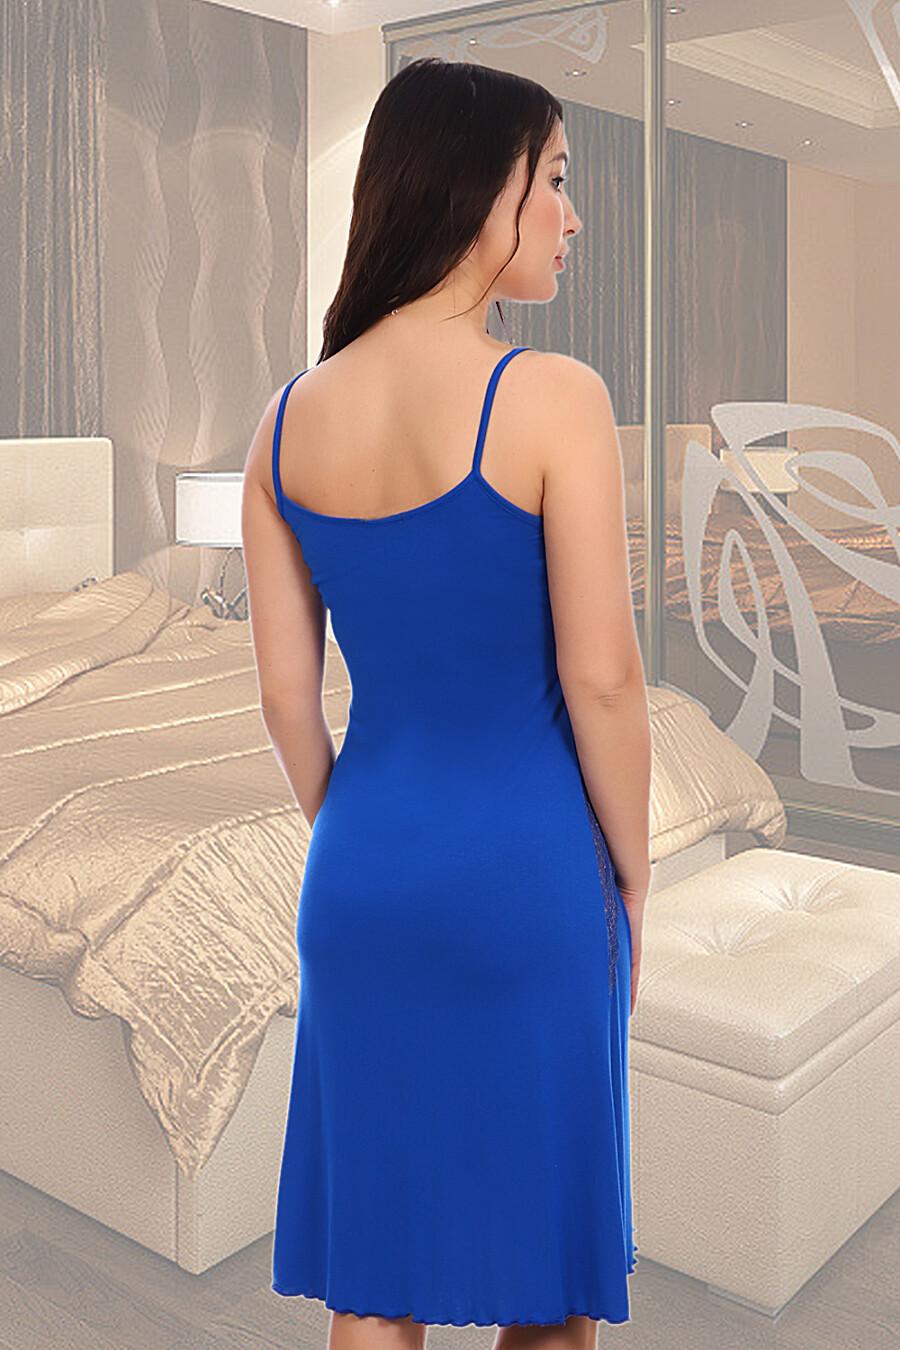 Сорочка 6826 для женщин НАТАЛИ 289346 купить оптом от производителя. Совместная покупка женской одежды в OptMoyo